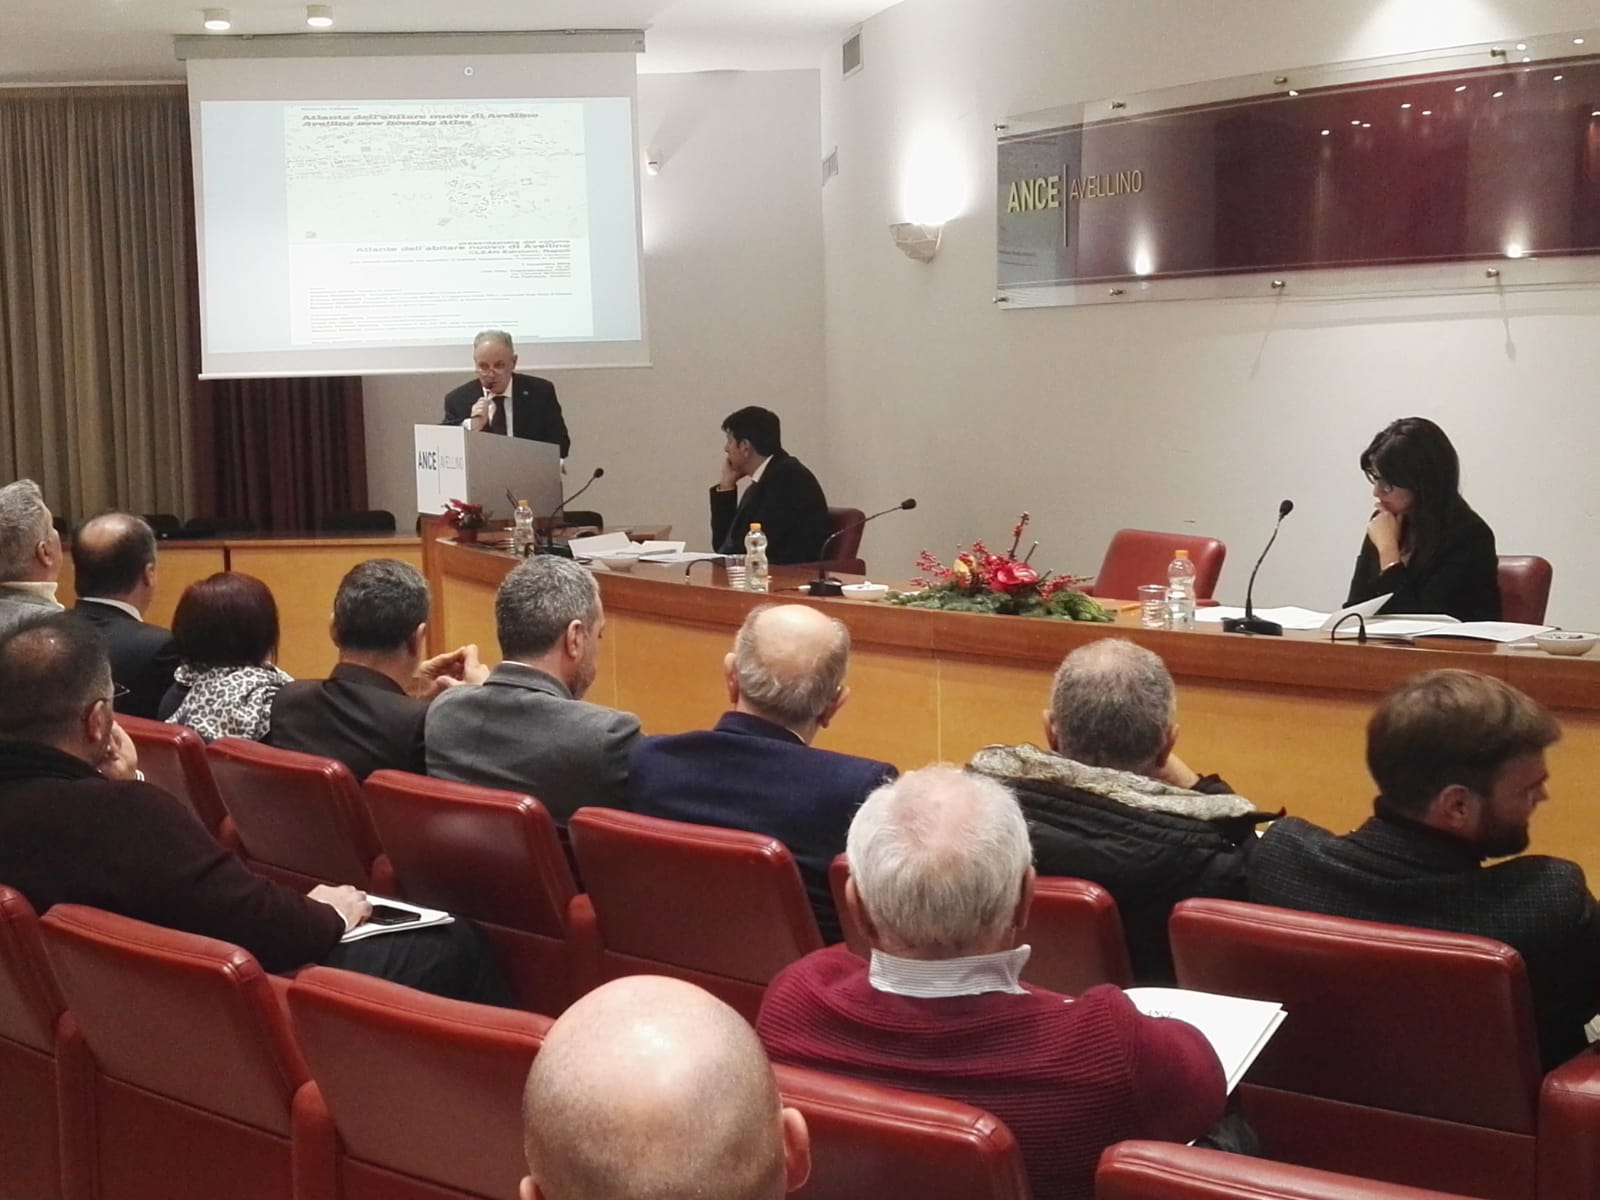 Avellino| Piano piccoli cantieri, l'Ance: 6 milioni e mezzo di euro per mettere in sicurezza scuole, edifici e strade